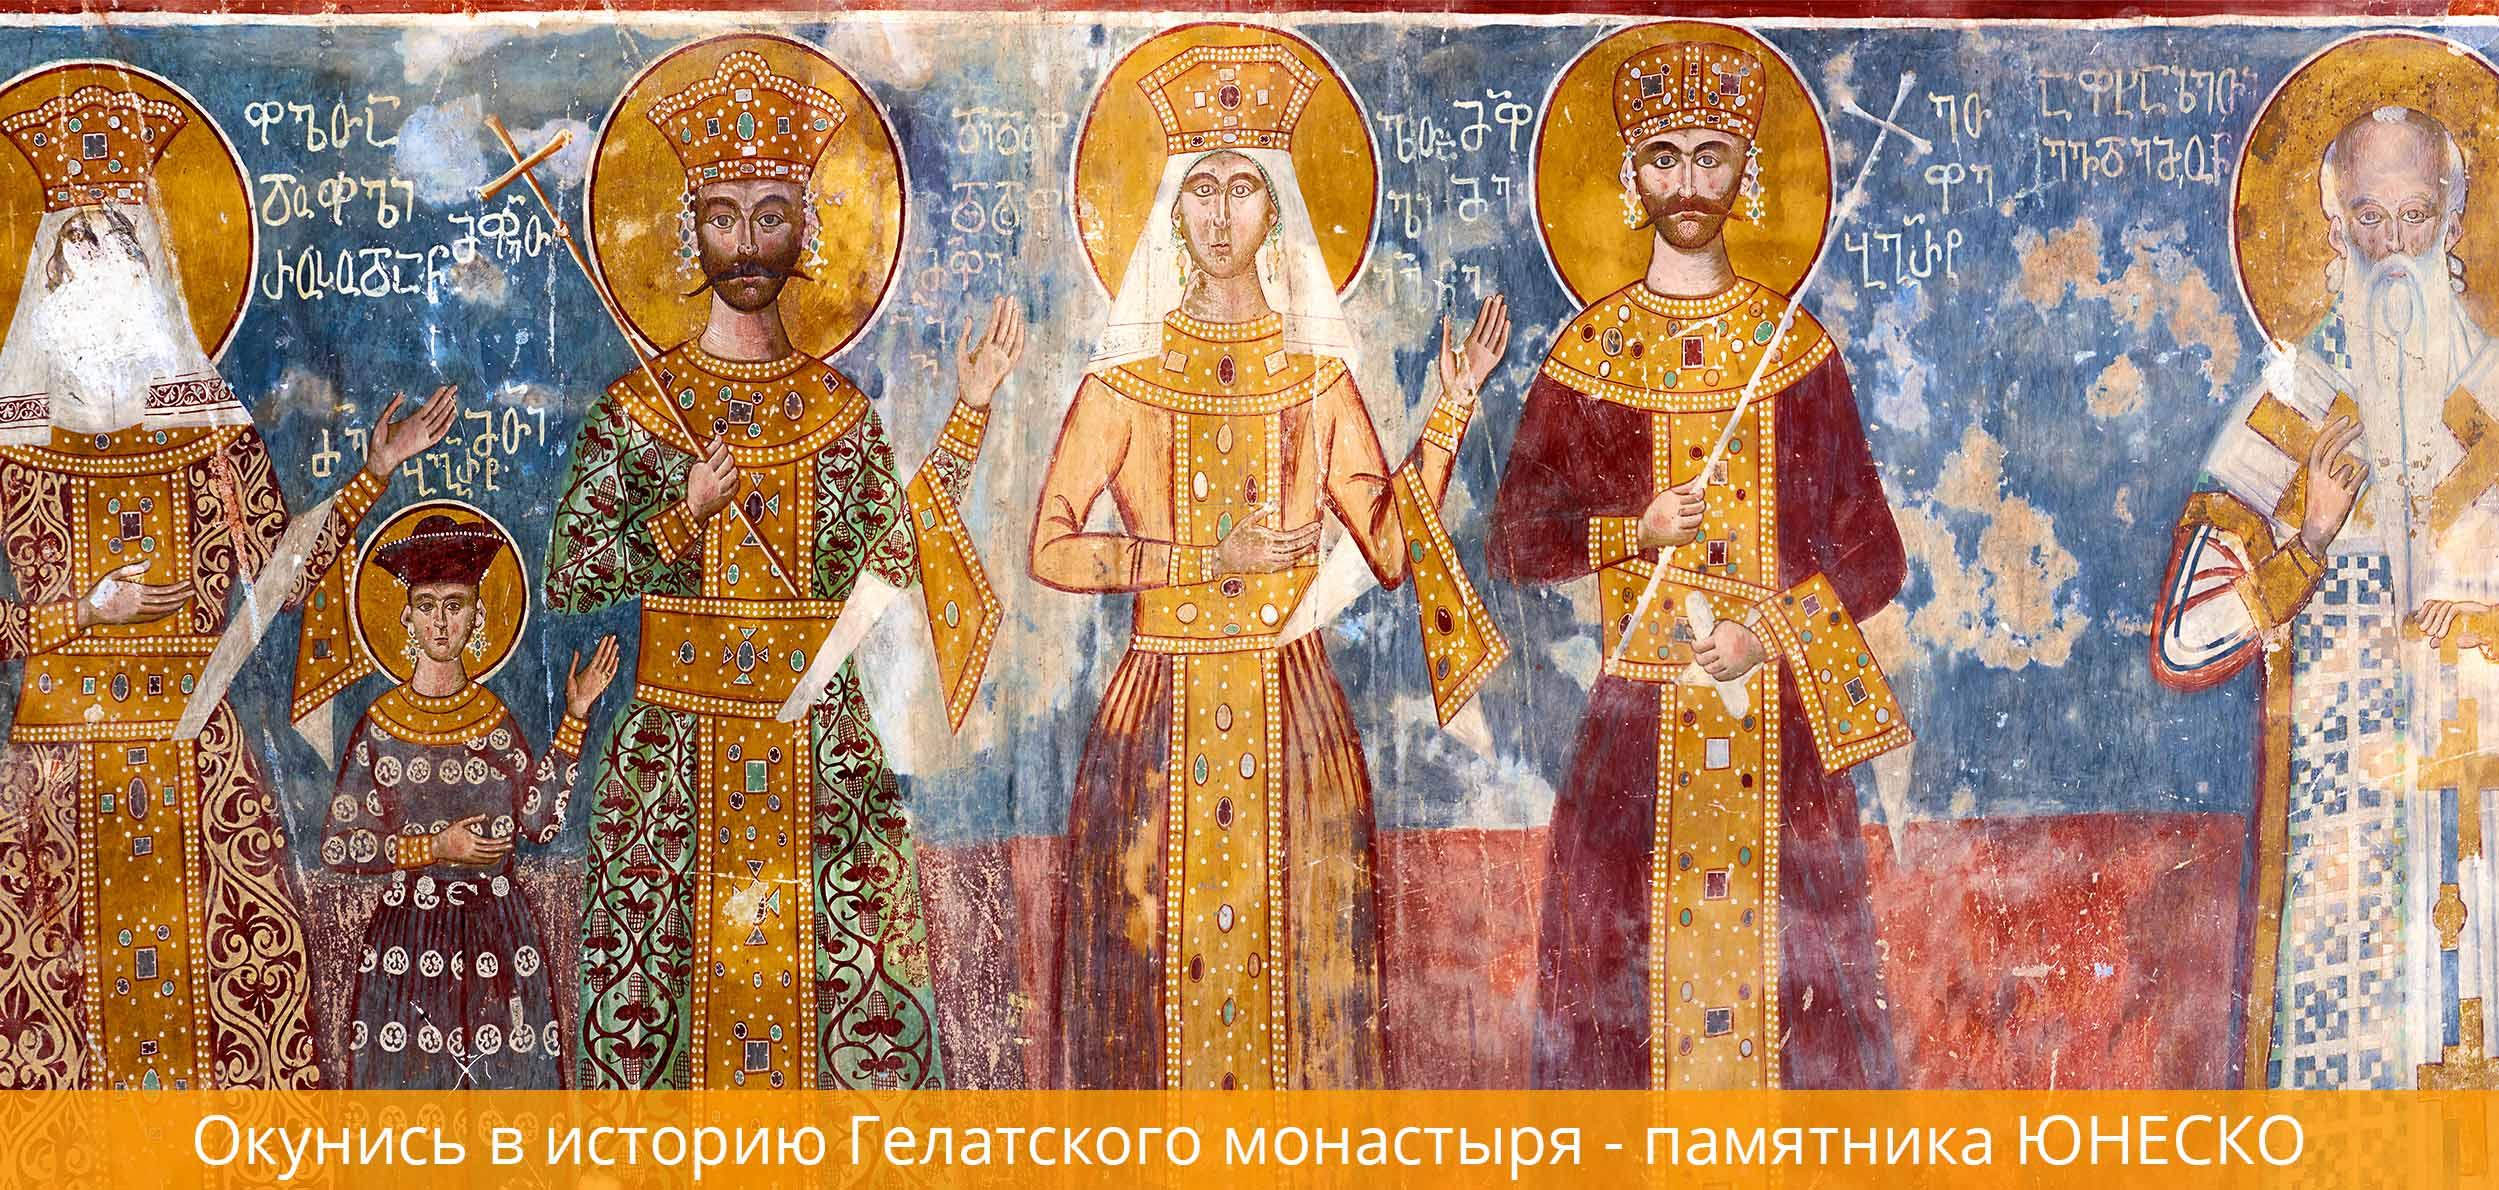 Фреска, Монастырь Гелати, Имеретия